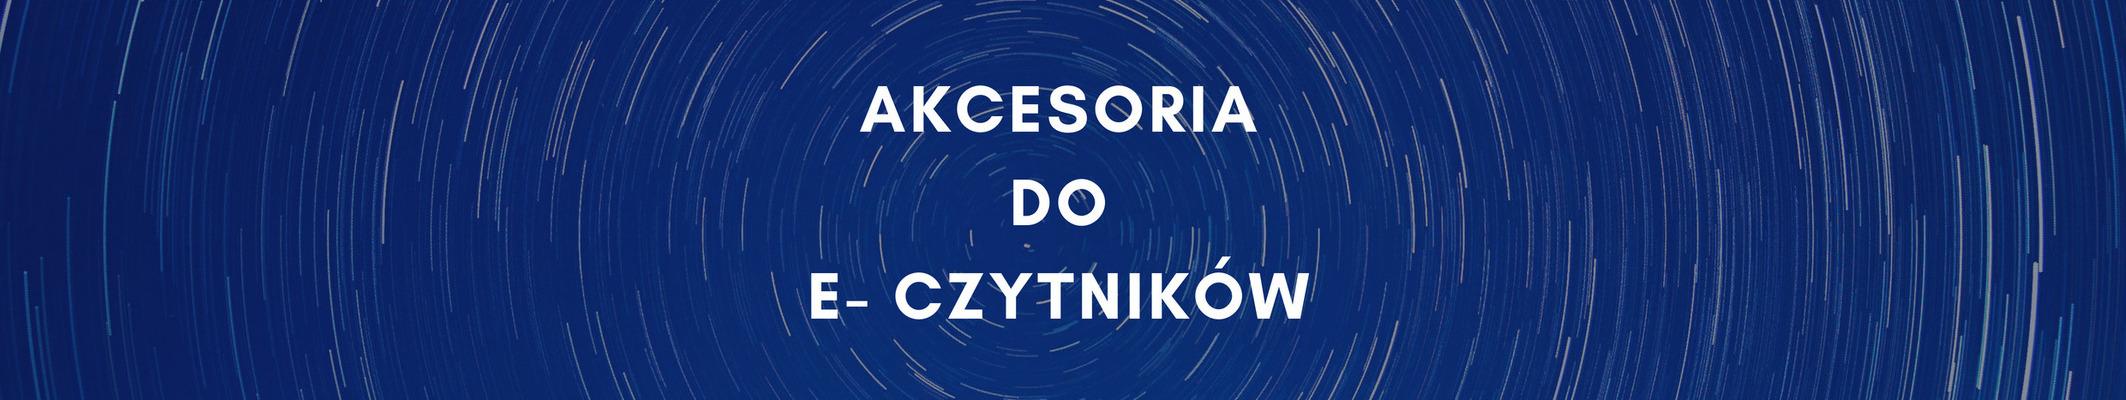 Akcesoria do e-czytników - to warto wiedzieć - www.naczytniku.pl